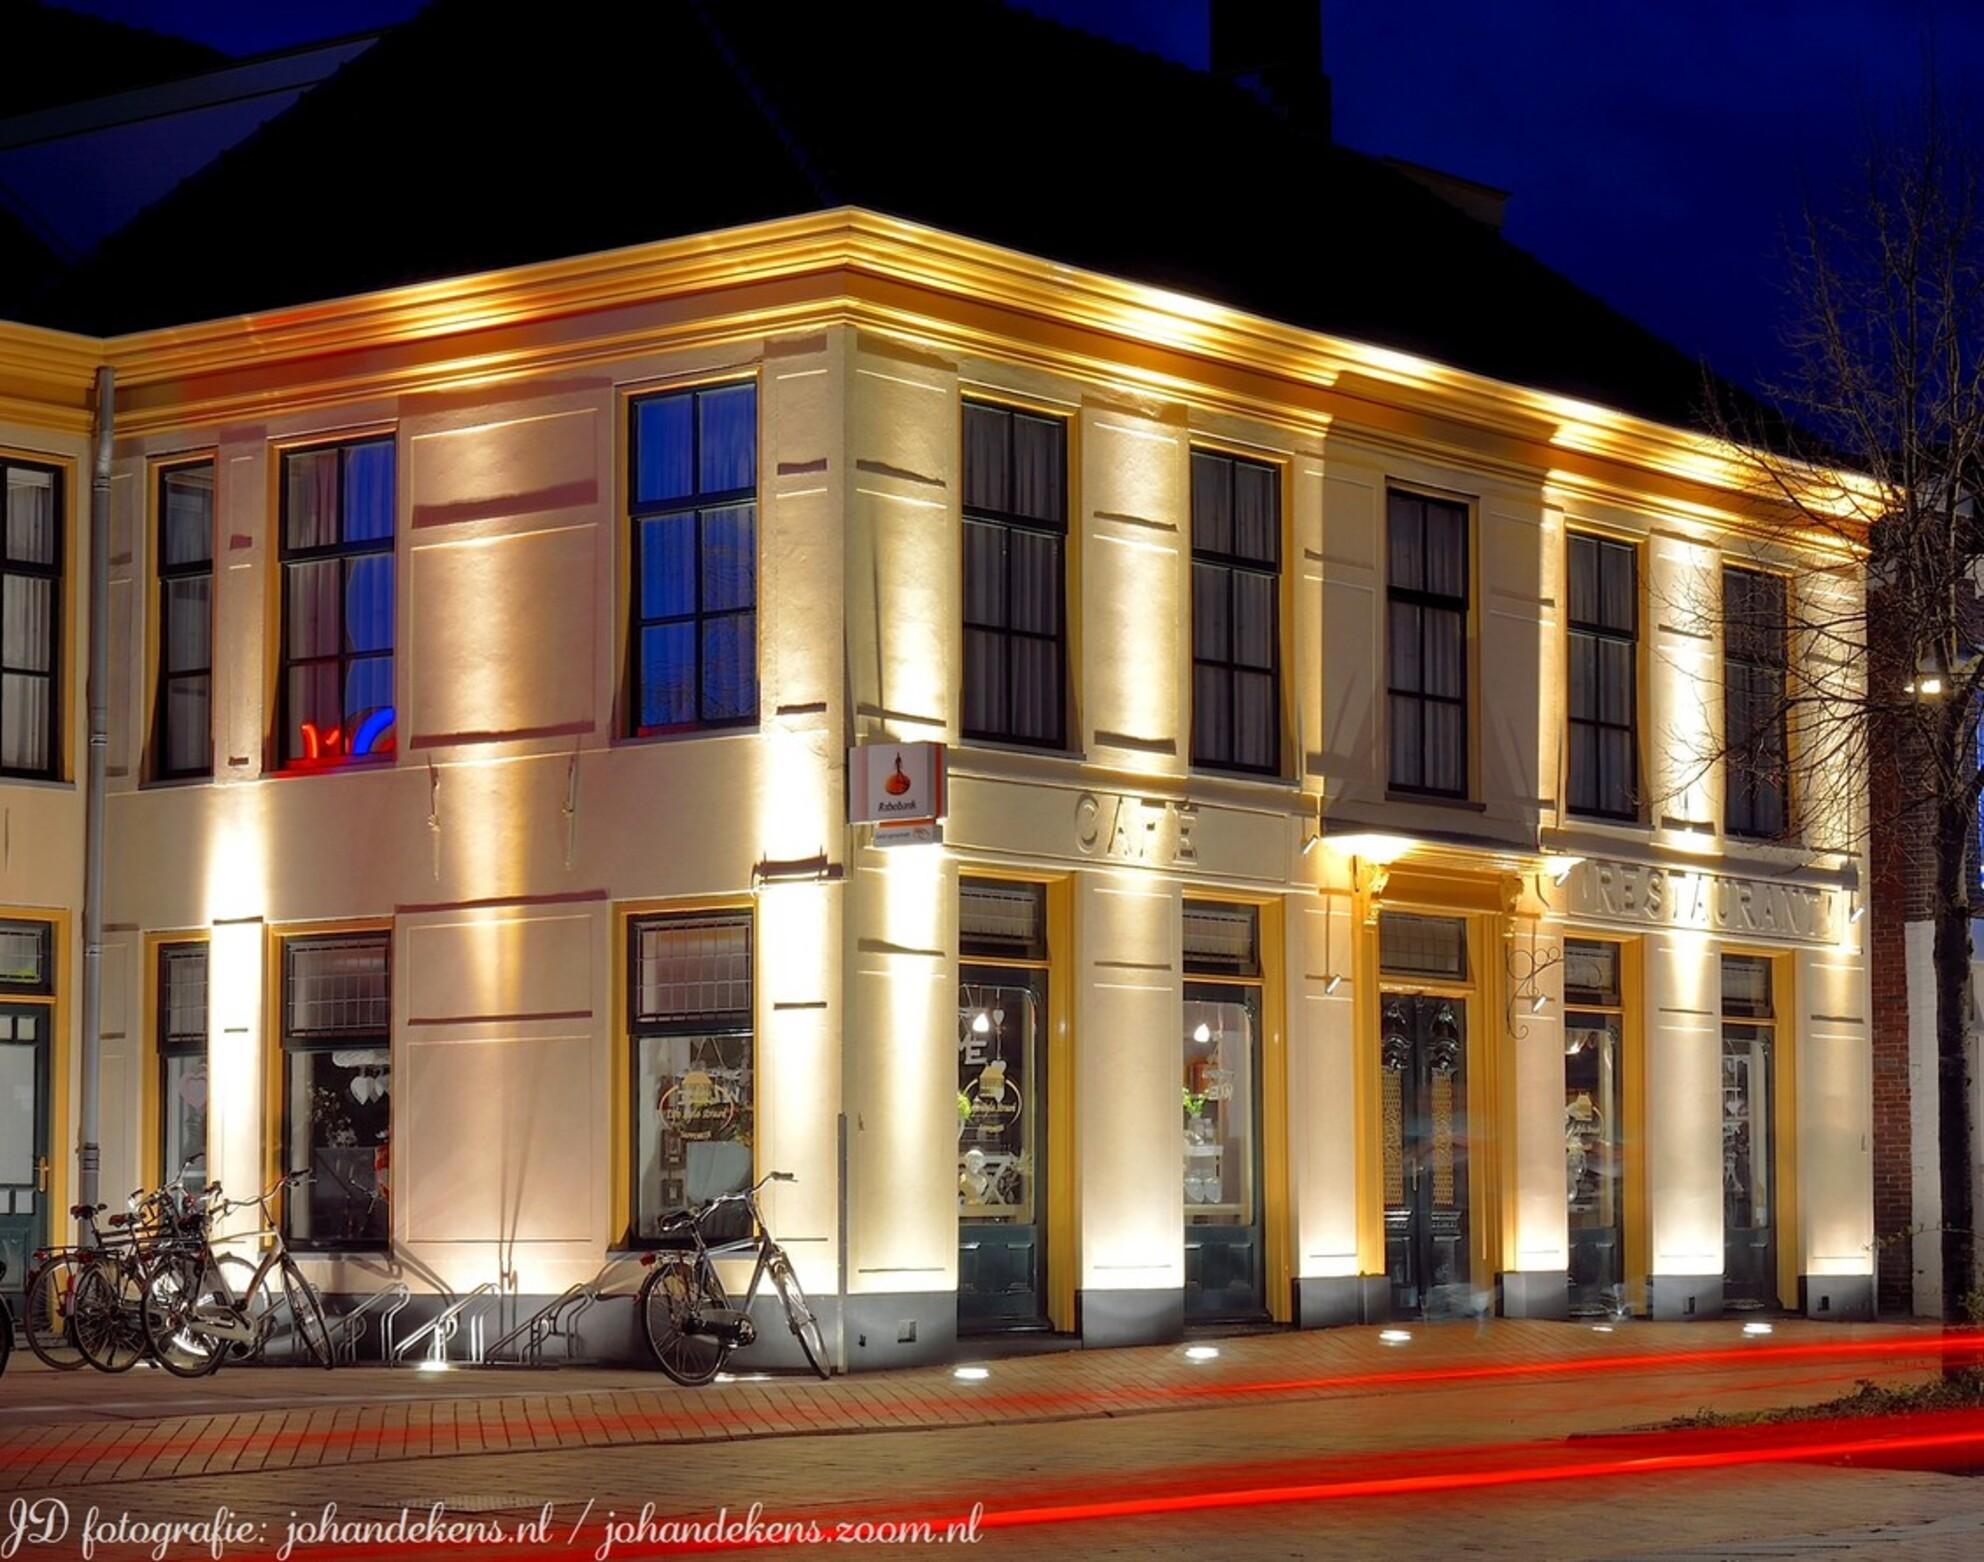 Hotel Struvé - Hotel Struvé is halverwege 19e eeuw opgezet door Cornelis Struve. Ooit begonnen als koffiehuis, en later uitgegroeid tot een succesvol hotel.  In h - foto door johandekens op 05-04-2015 - deze foto bevat: architectuur, hotel, restaurant, jumbo, avondfotografie, hoogezand, sappemeer, oud pand, struvé - Deze foto mag gebruikt worden in een Zoom.nl publicatie